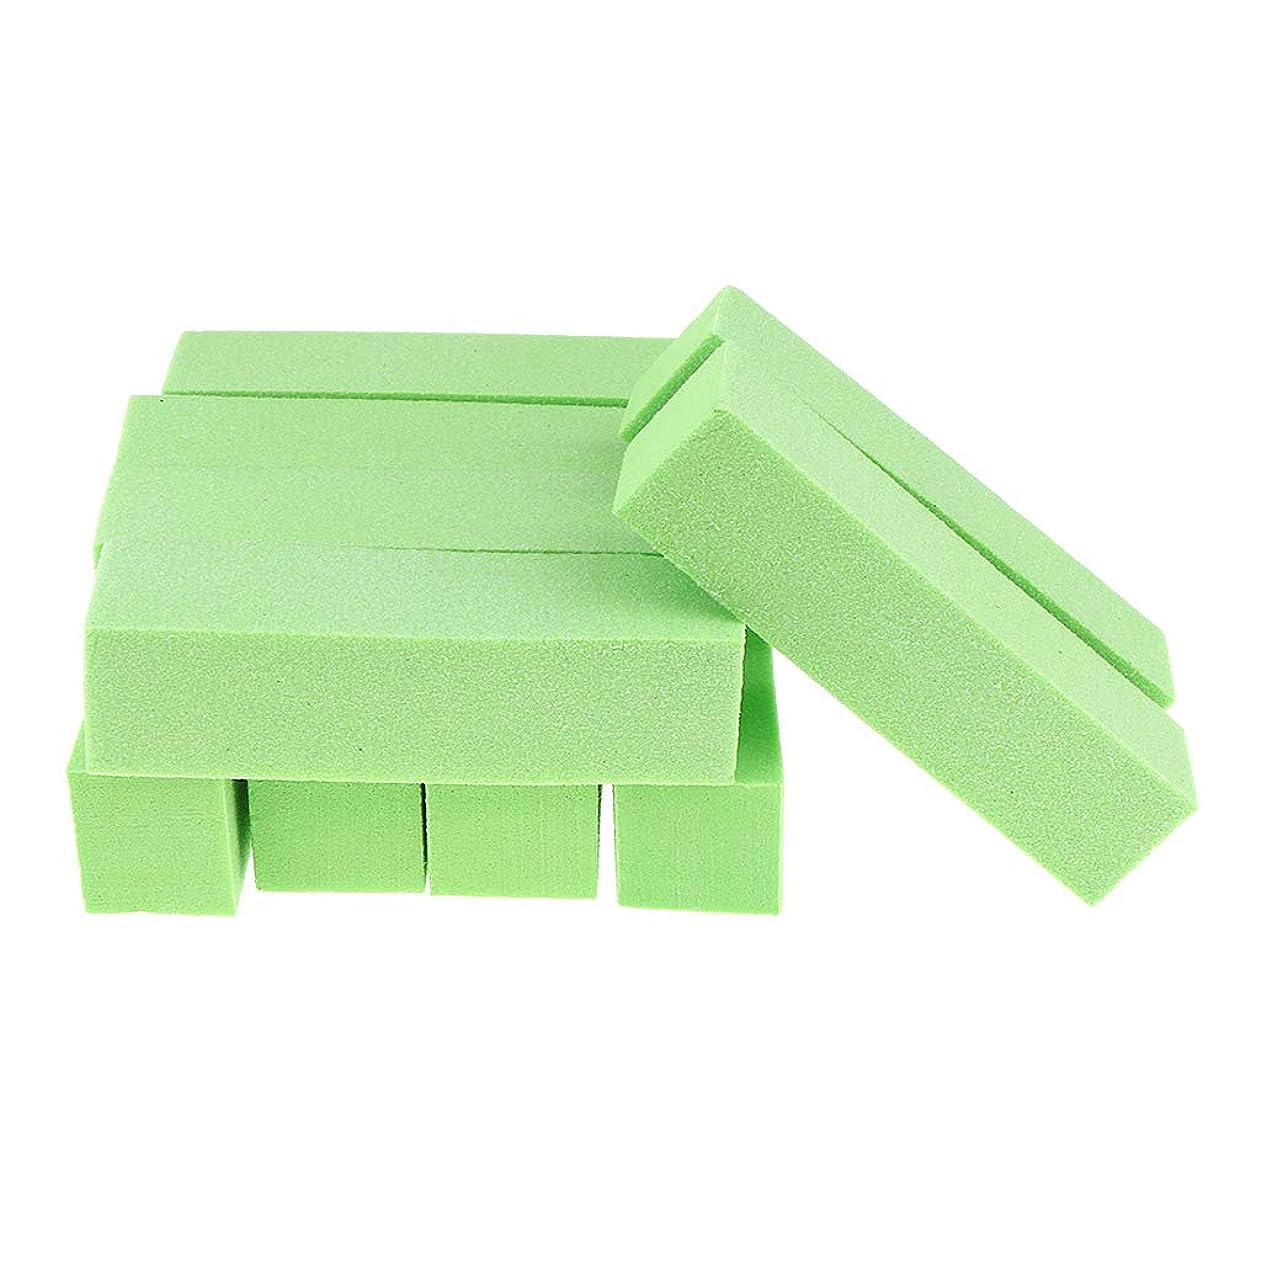 B Blesiya 10個 ネイルファイル ネイル道具 全5色 - 緑